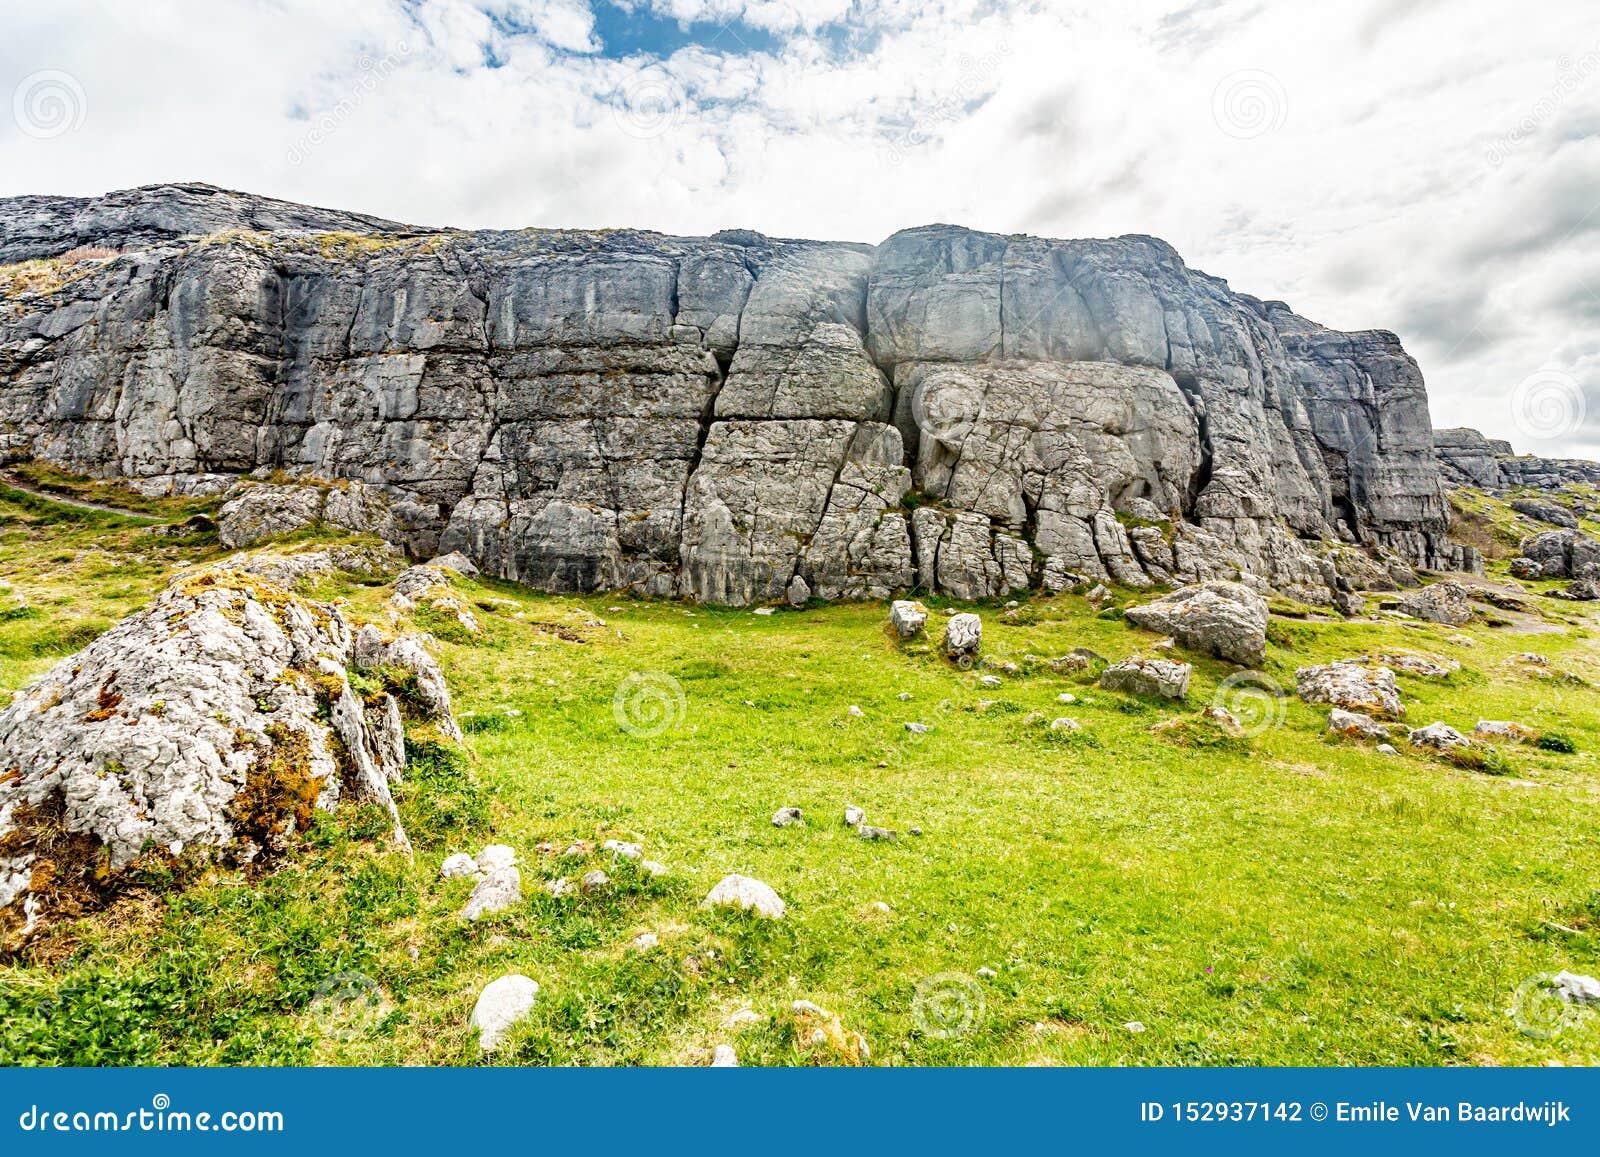 Εντυπωσιακό τοπίο καρστ στην κοιλάδα Caher και το μαύρο κεφάλι